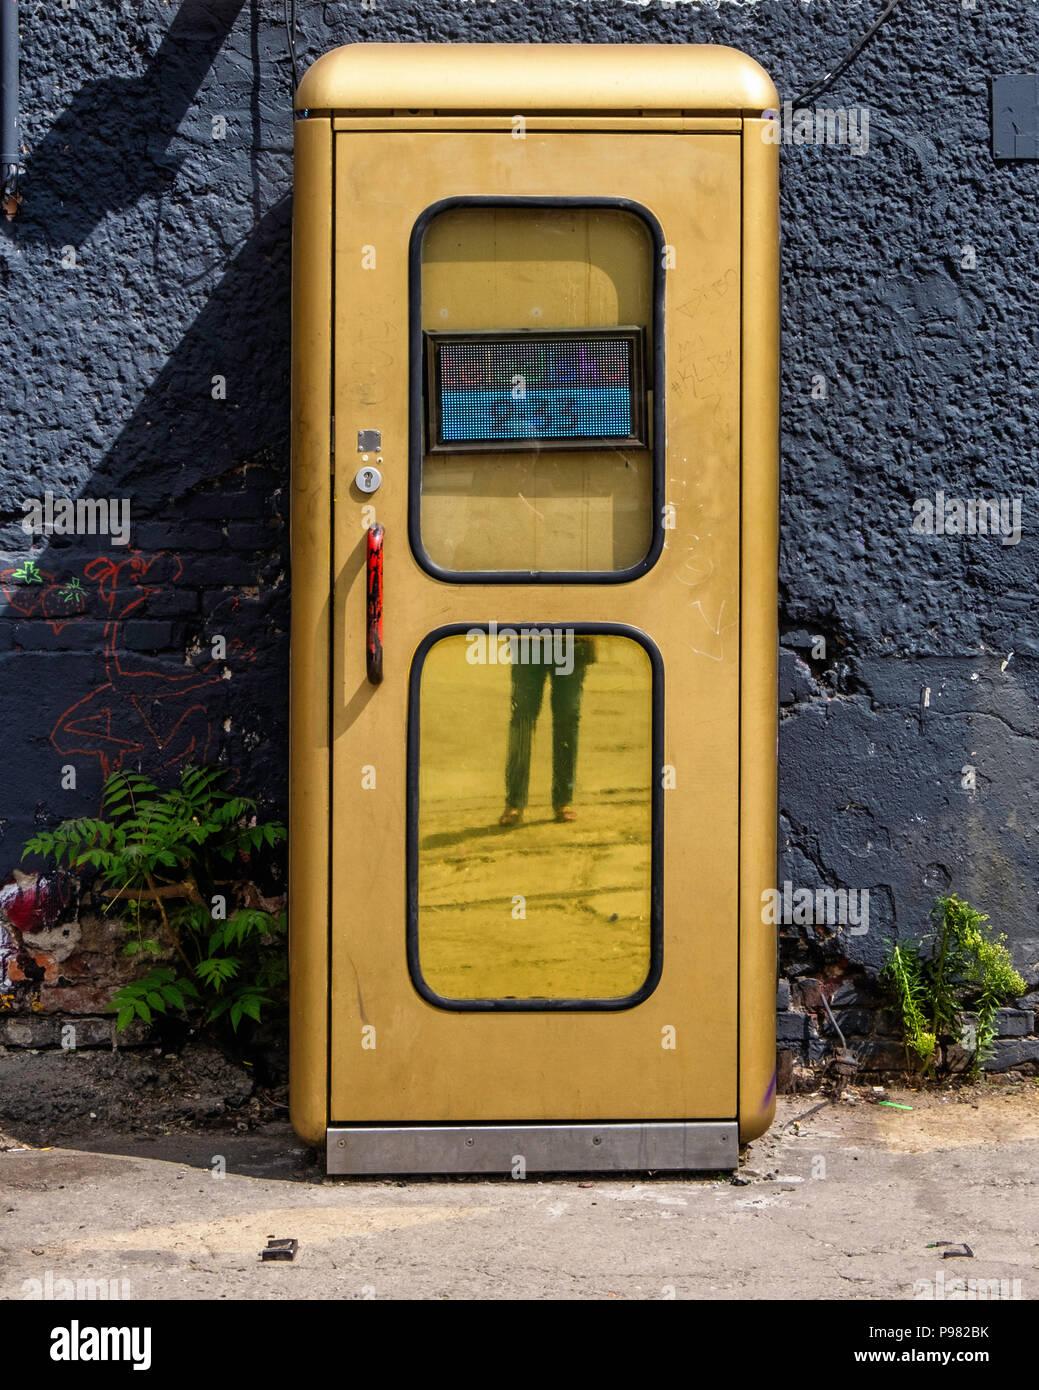 berlin friedrichshain raw gel nde gold telefonzelle ist der weltweit kleinste disco winzige. Black Bedroom Furniture Sets. Home Design Ideas